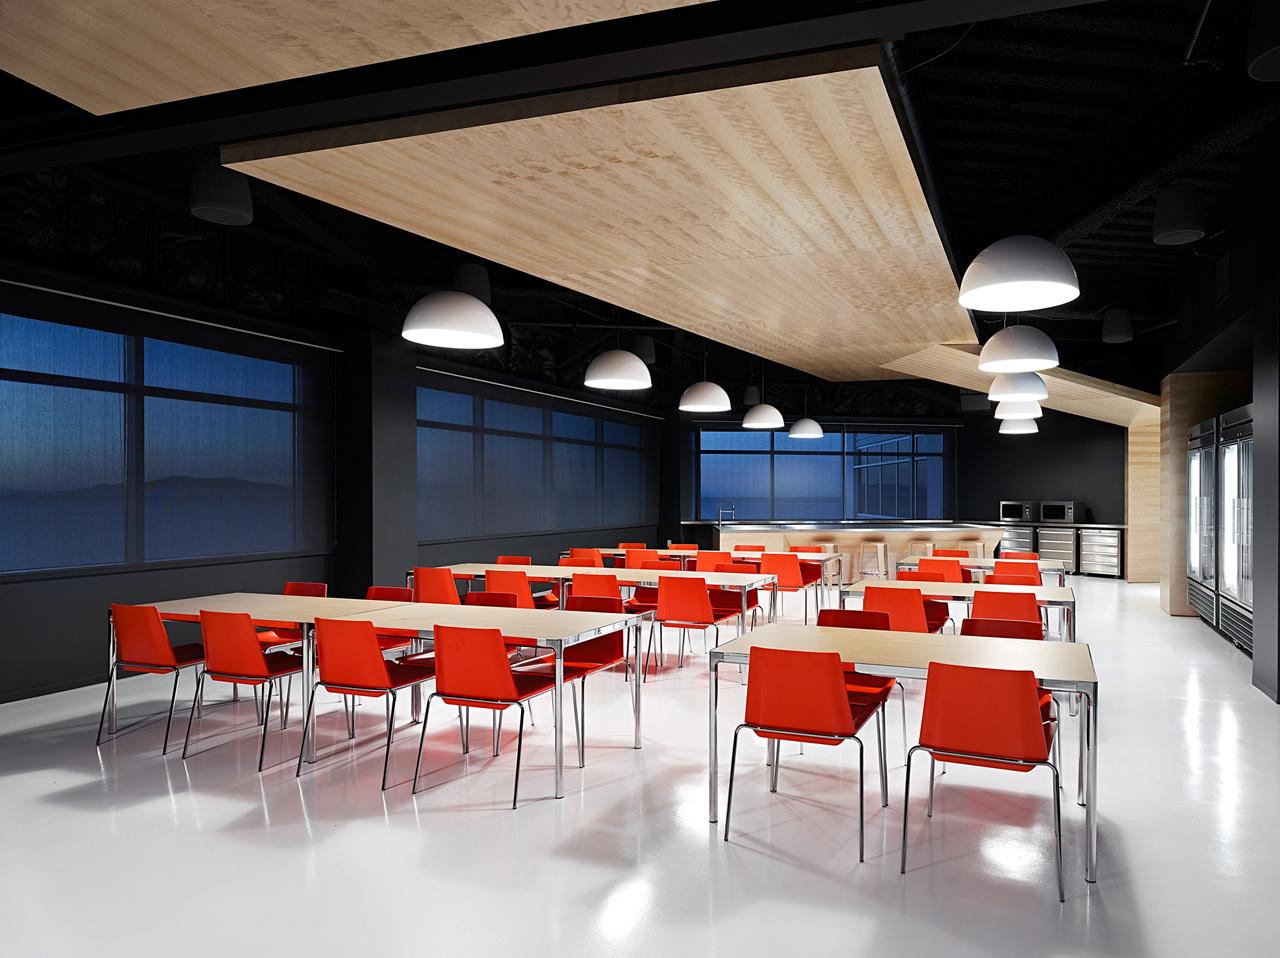 上海天波信息科技有限公司餐厅办公室装修案例